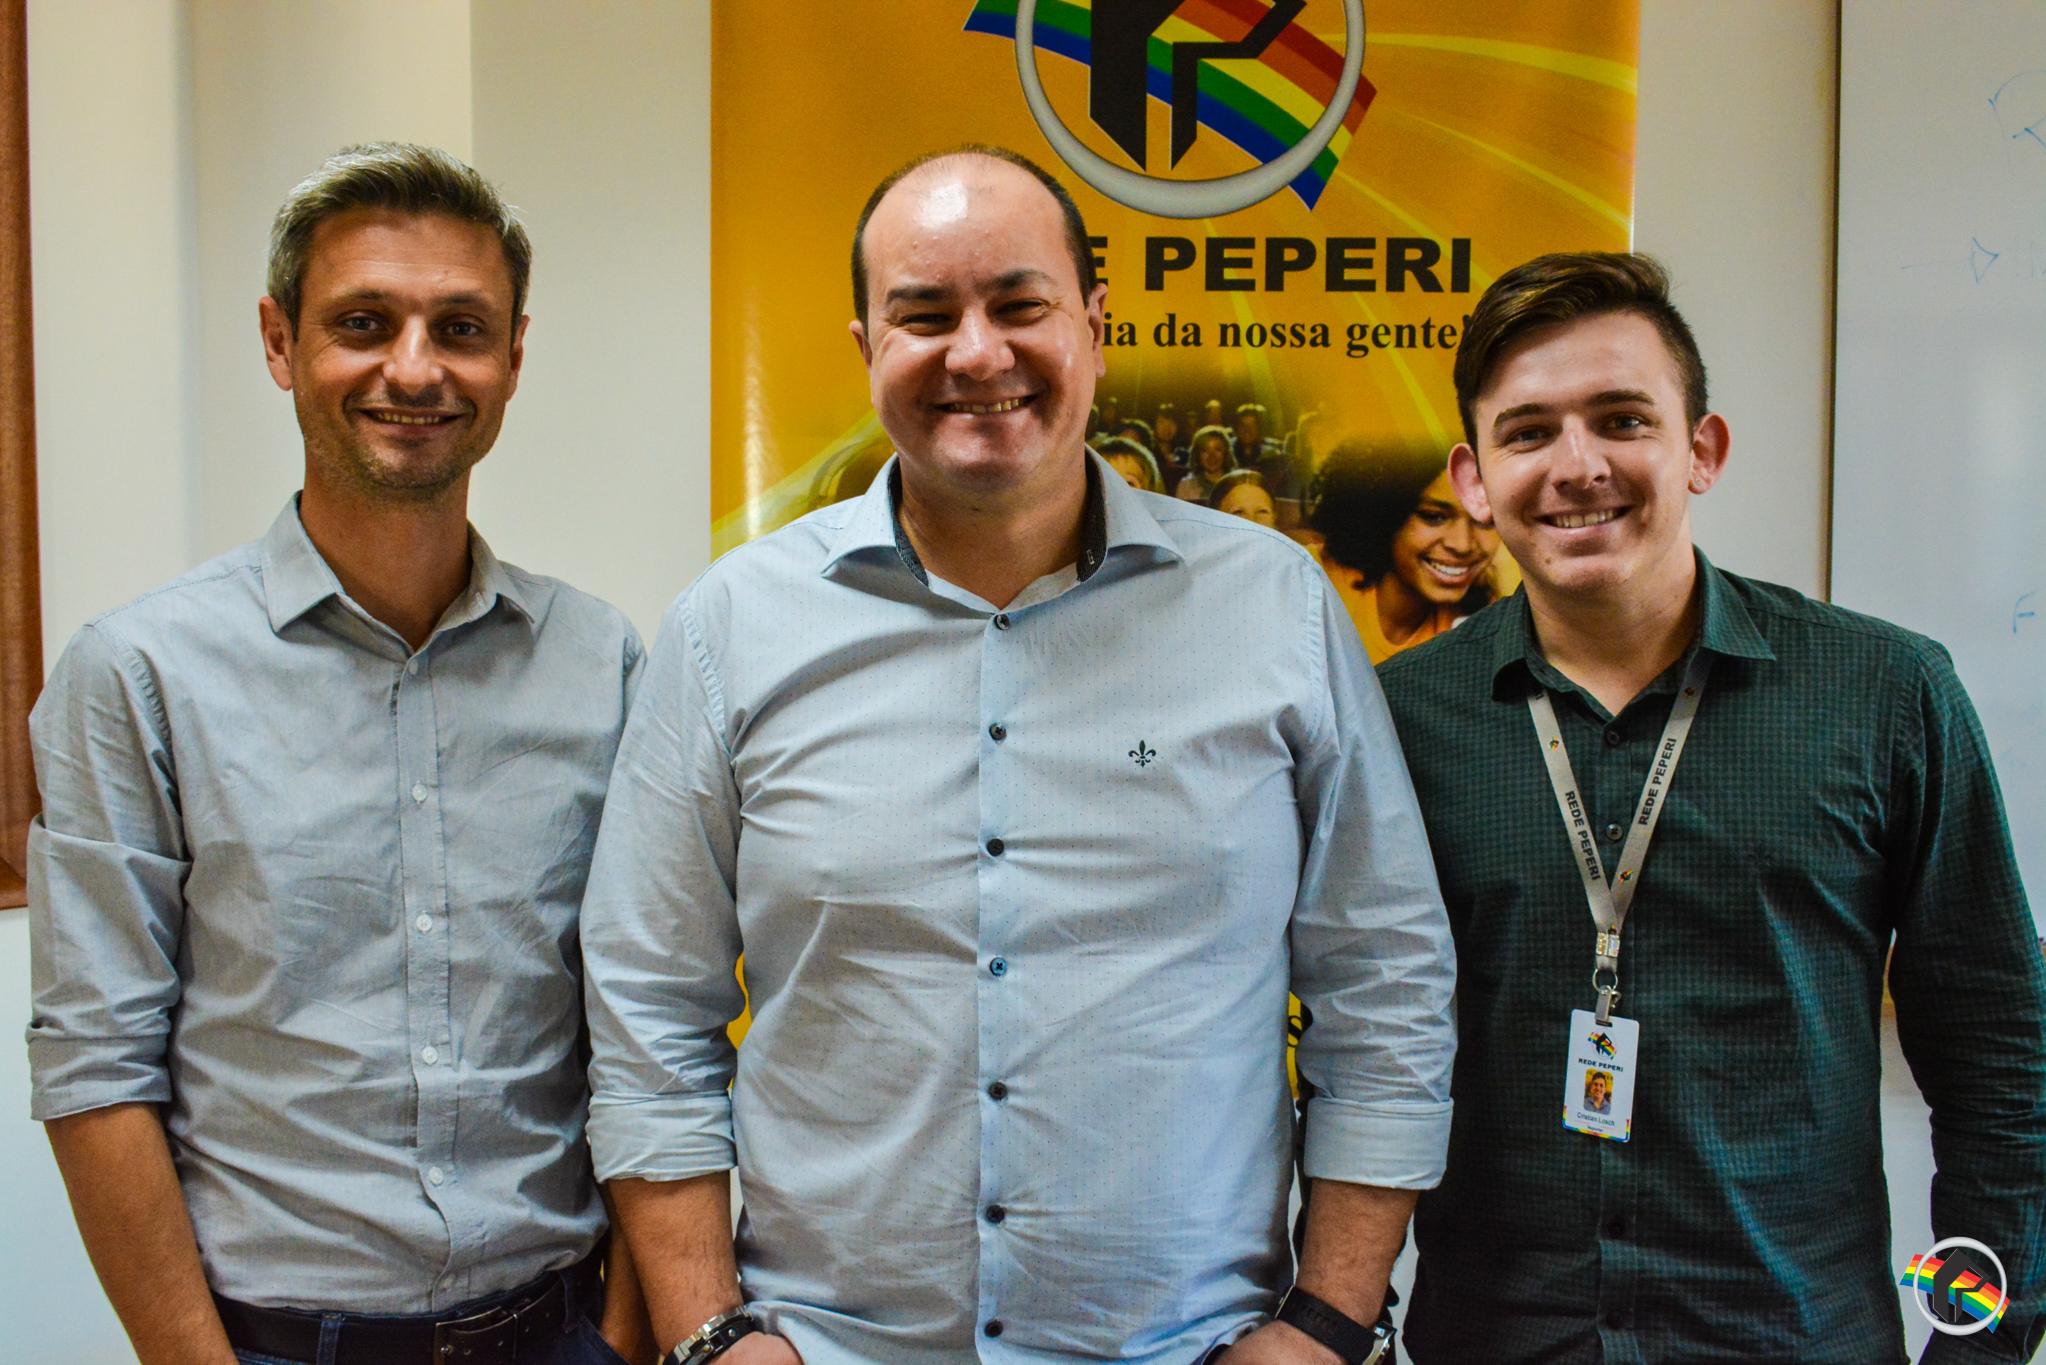 Prêmio ACAERT será entregue na semana que vem em Balneário Camboriú